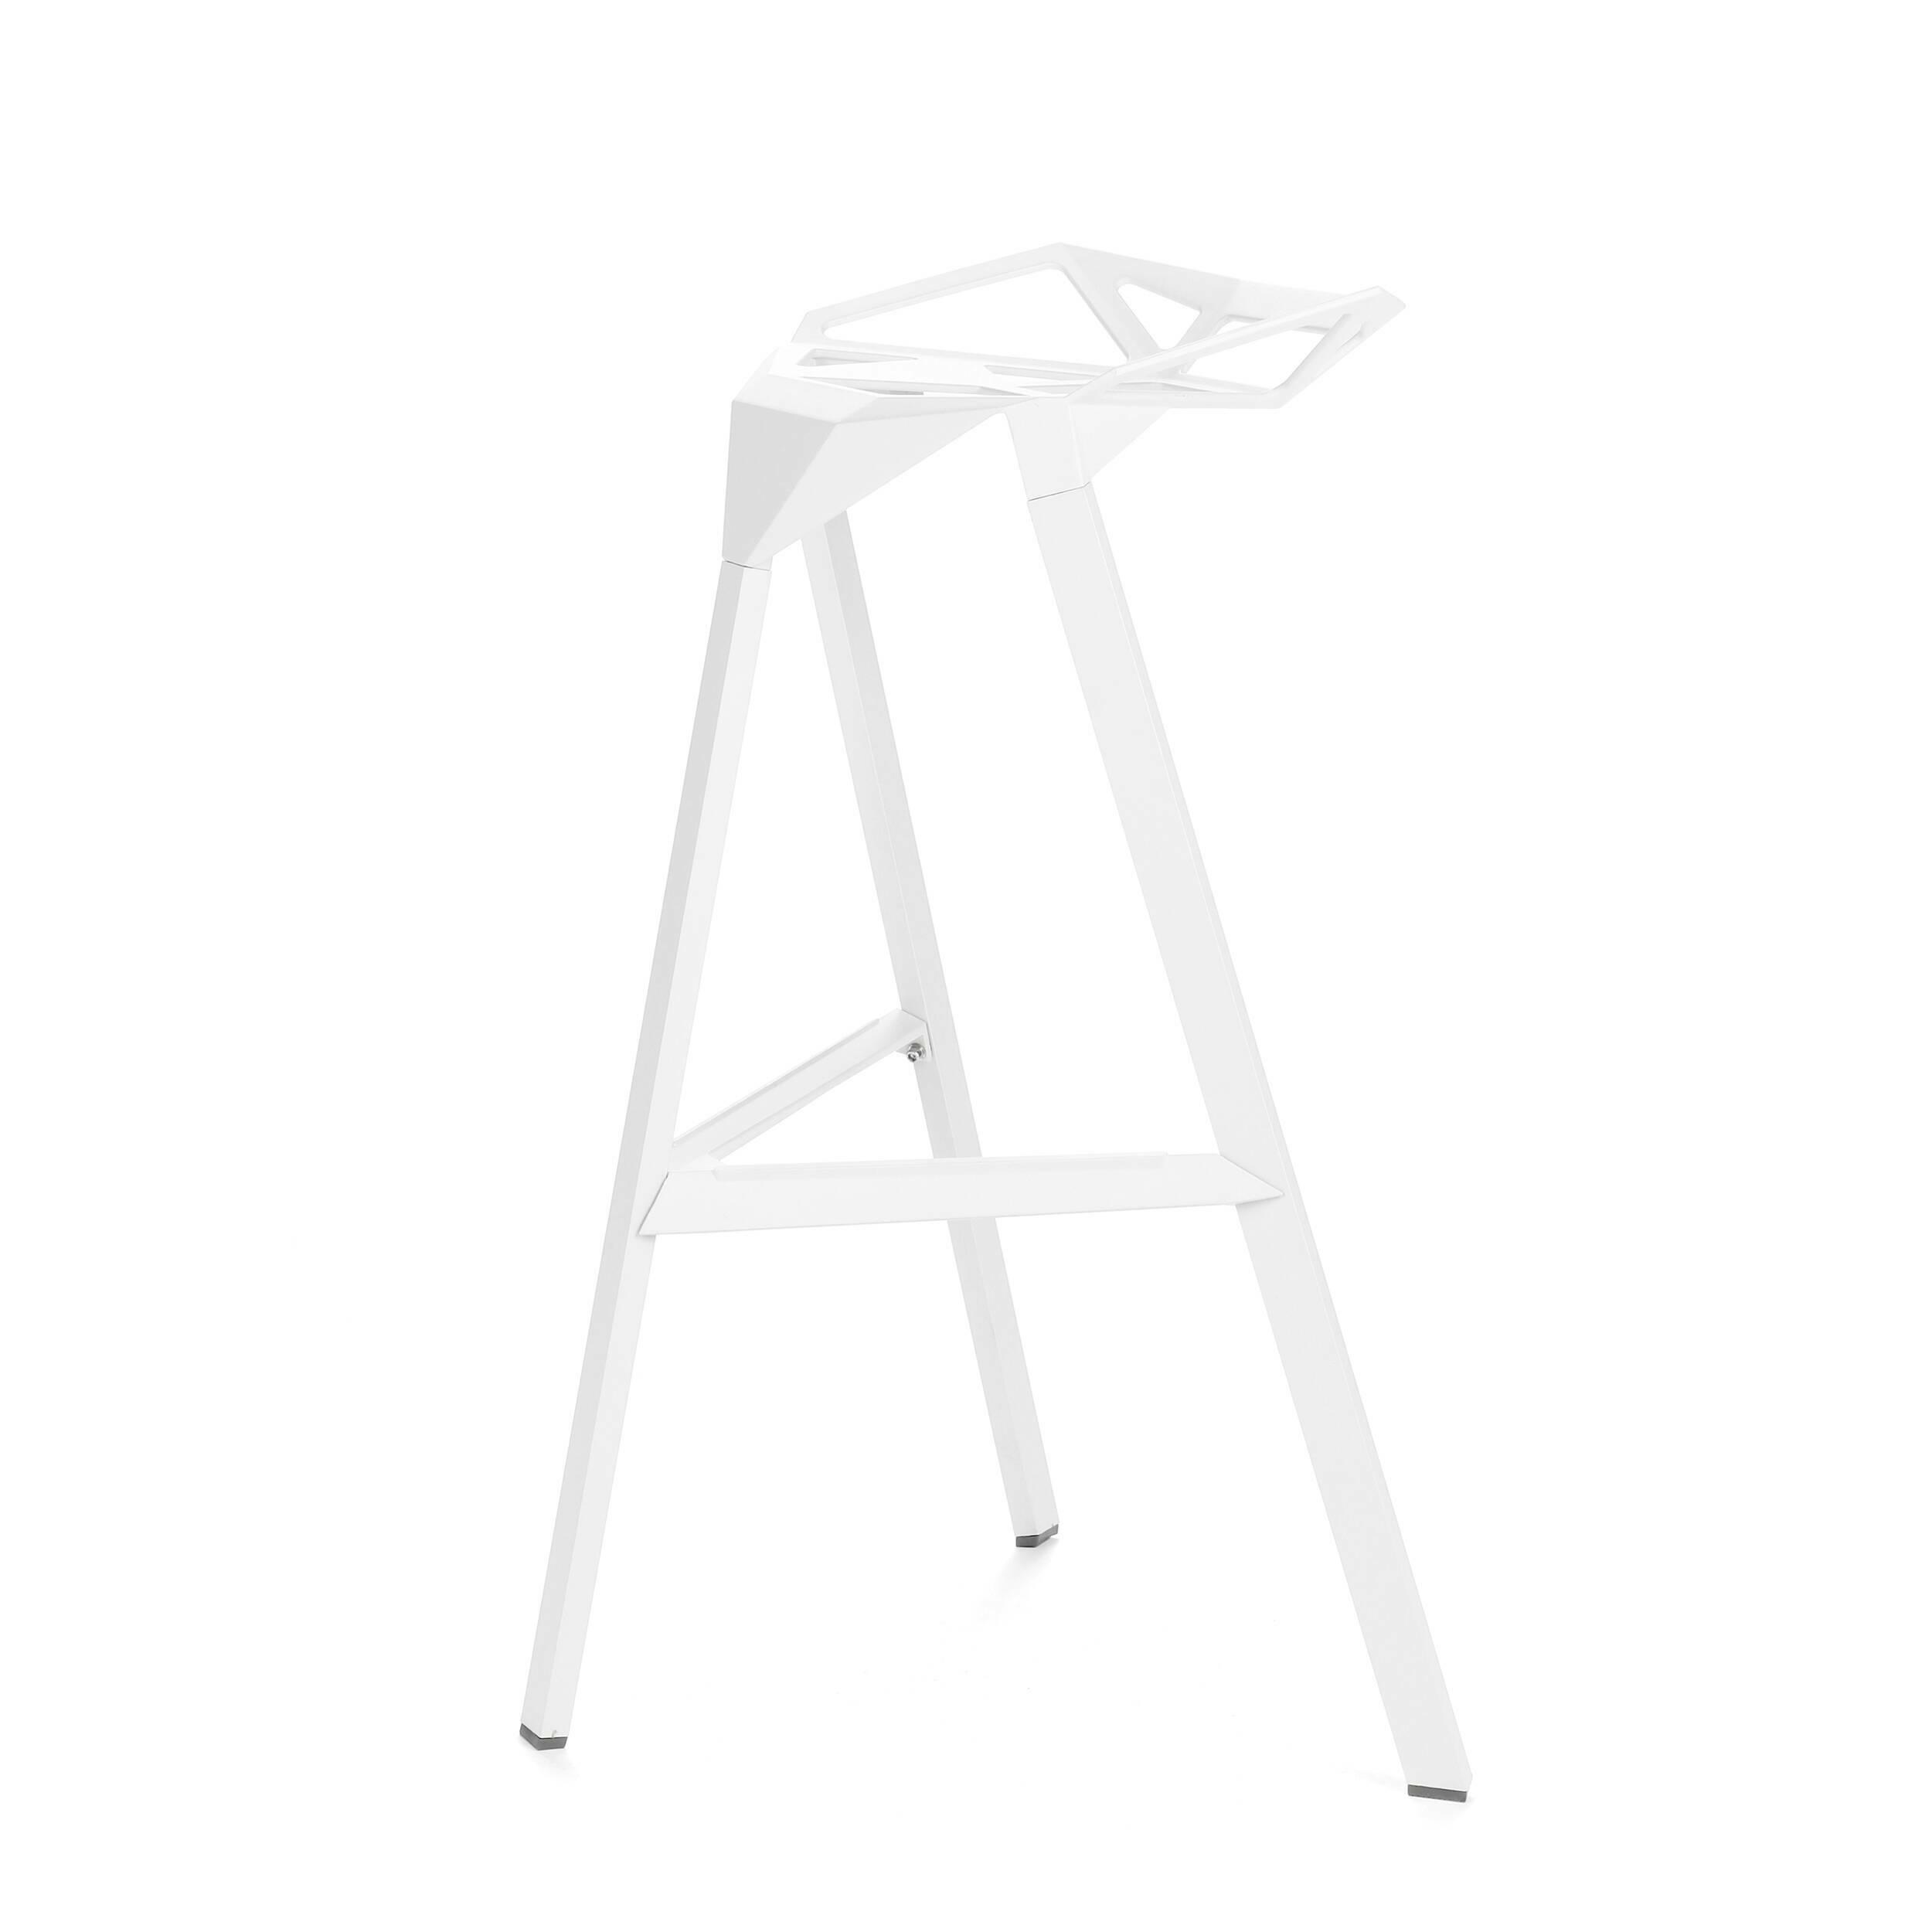 Барный стул OneБарные<br>Дизайнерский креативный барный стул One (Уан) из алюминия на трех ножках от Cosmo (Космо). <br><br>     Легендарный барный стул One отличается стильным и эпатажным внешним видом, при этом он очень удобен в использовании. Литые алюминиевые планки, причудливо соединtнные между собой в практичное сиденье, в своей передней части переходят в каркасную опору из трех широко поставленных ножек. Индустриальный минимализм такого стула неоспорим, но для конструктивного стиля он также превосходно подойдет. Л...<br><br>stock: 26<br>Высота: 82,5<br>Высота сиденья: 77<br>Ширина: 41<br>Глубина: 36<br>Тип материала каркаса: Алюминий<br>Цвет каркаса: Белый